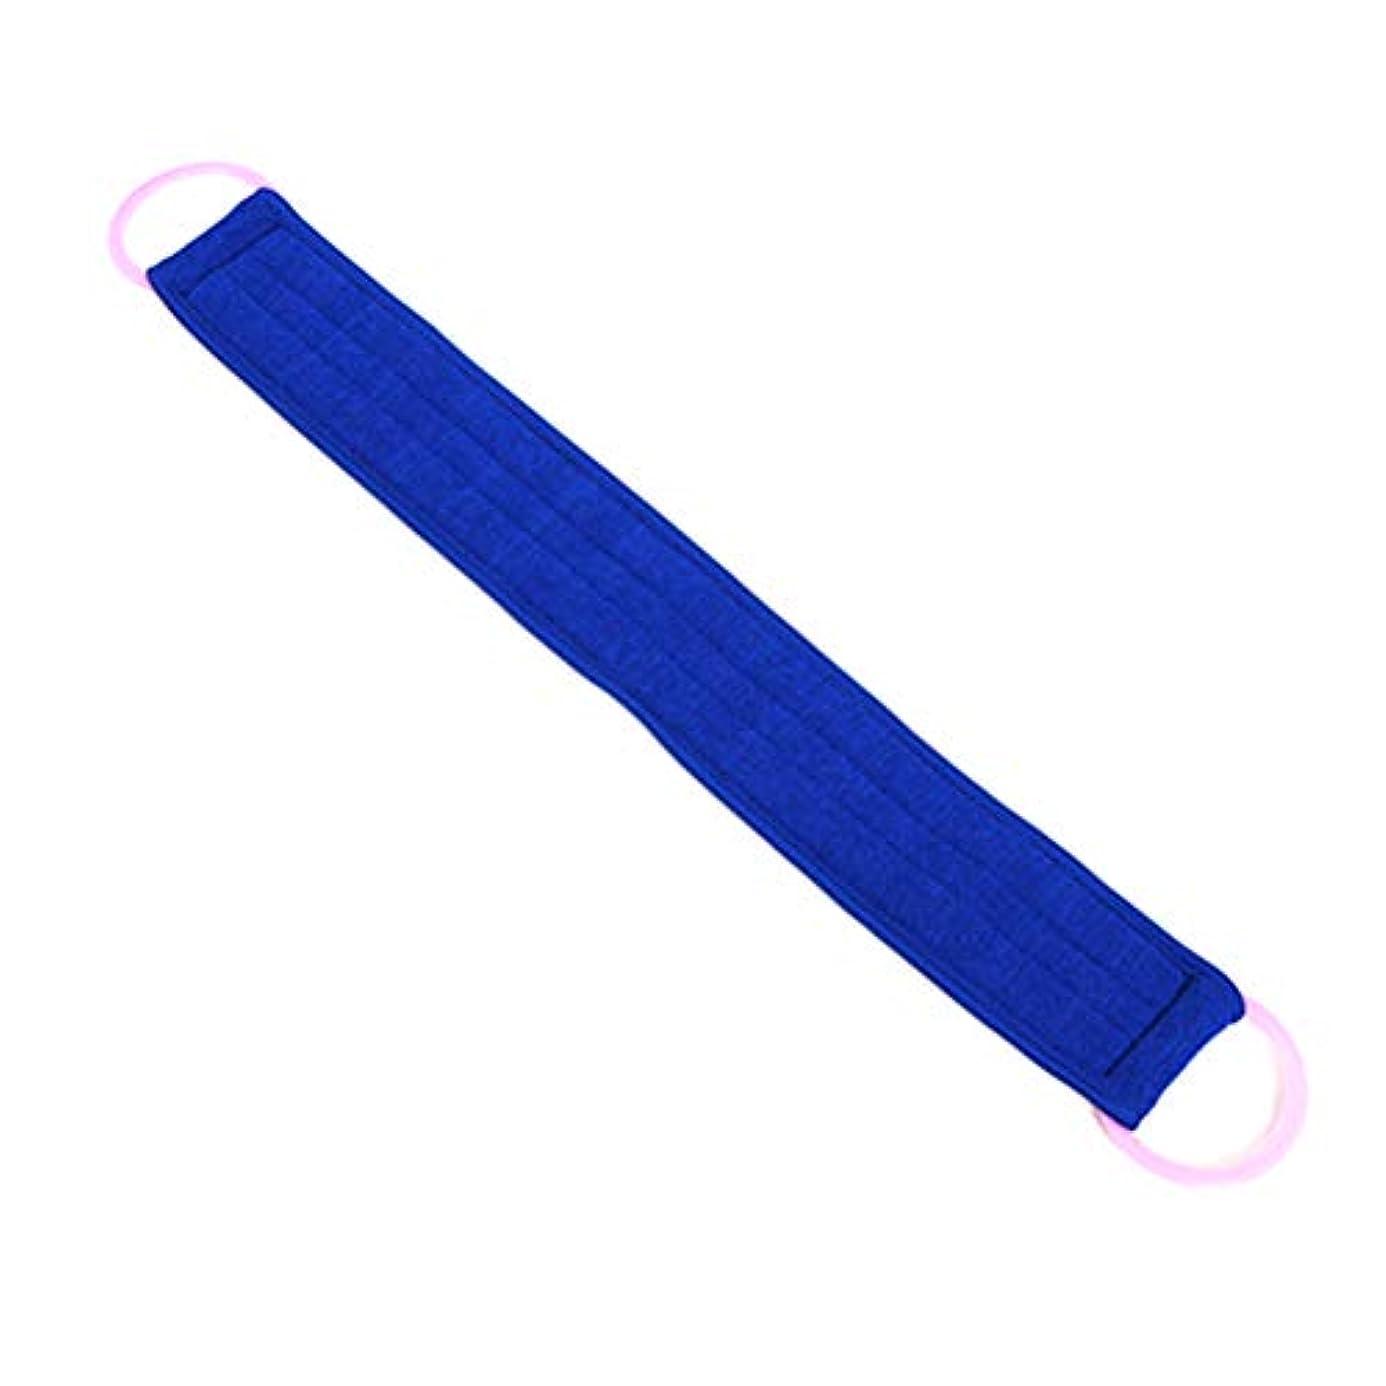 洗練等しい合体Lurrose バスラブブラシエクスフォリエイトプルバックストリップラブバックベルトチョッピングバンドバスタオル(ブルー)